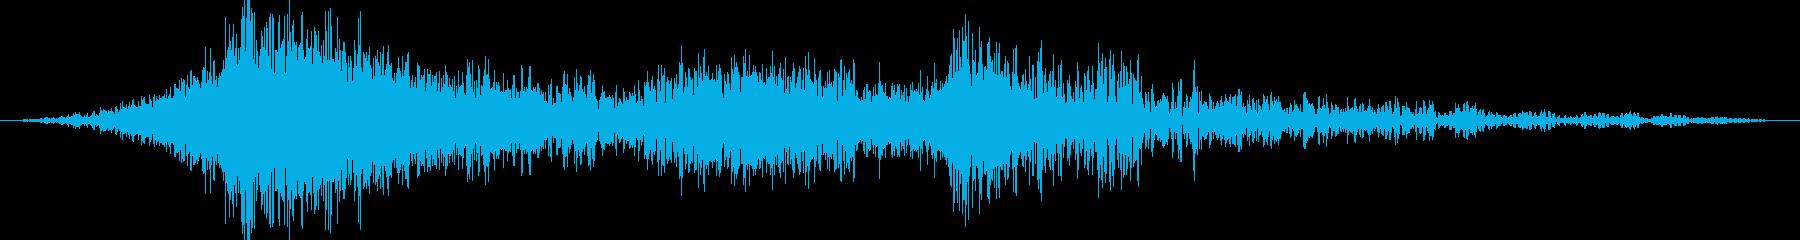 リアル系 獣 モンスター 攻撃動作音の再生済みの波形